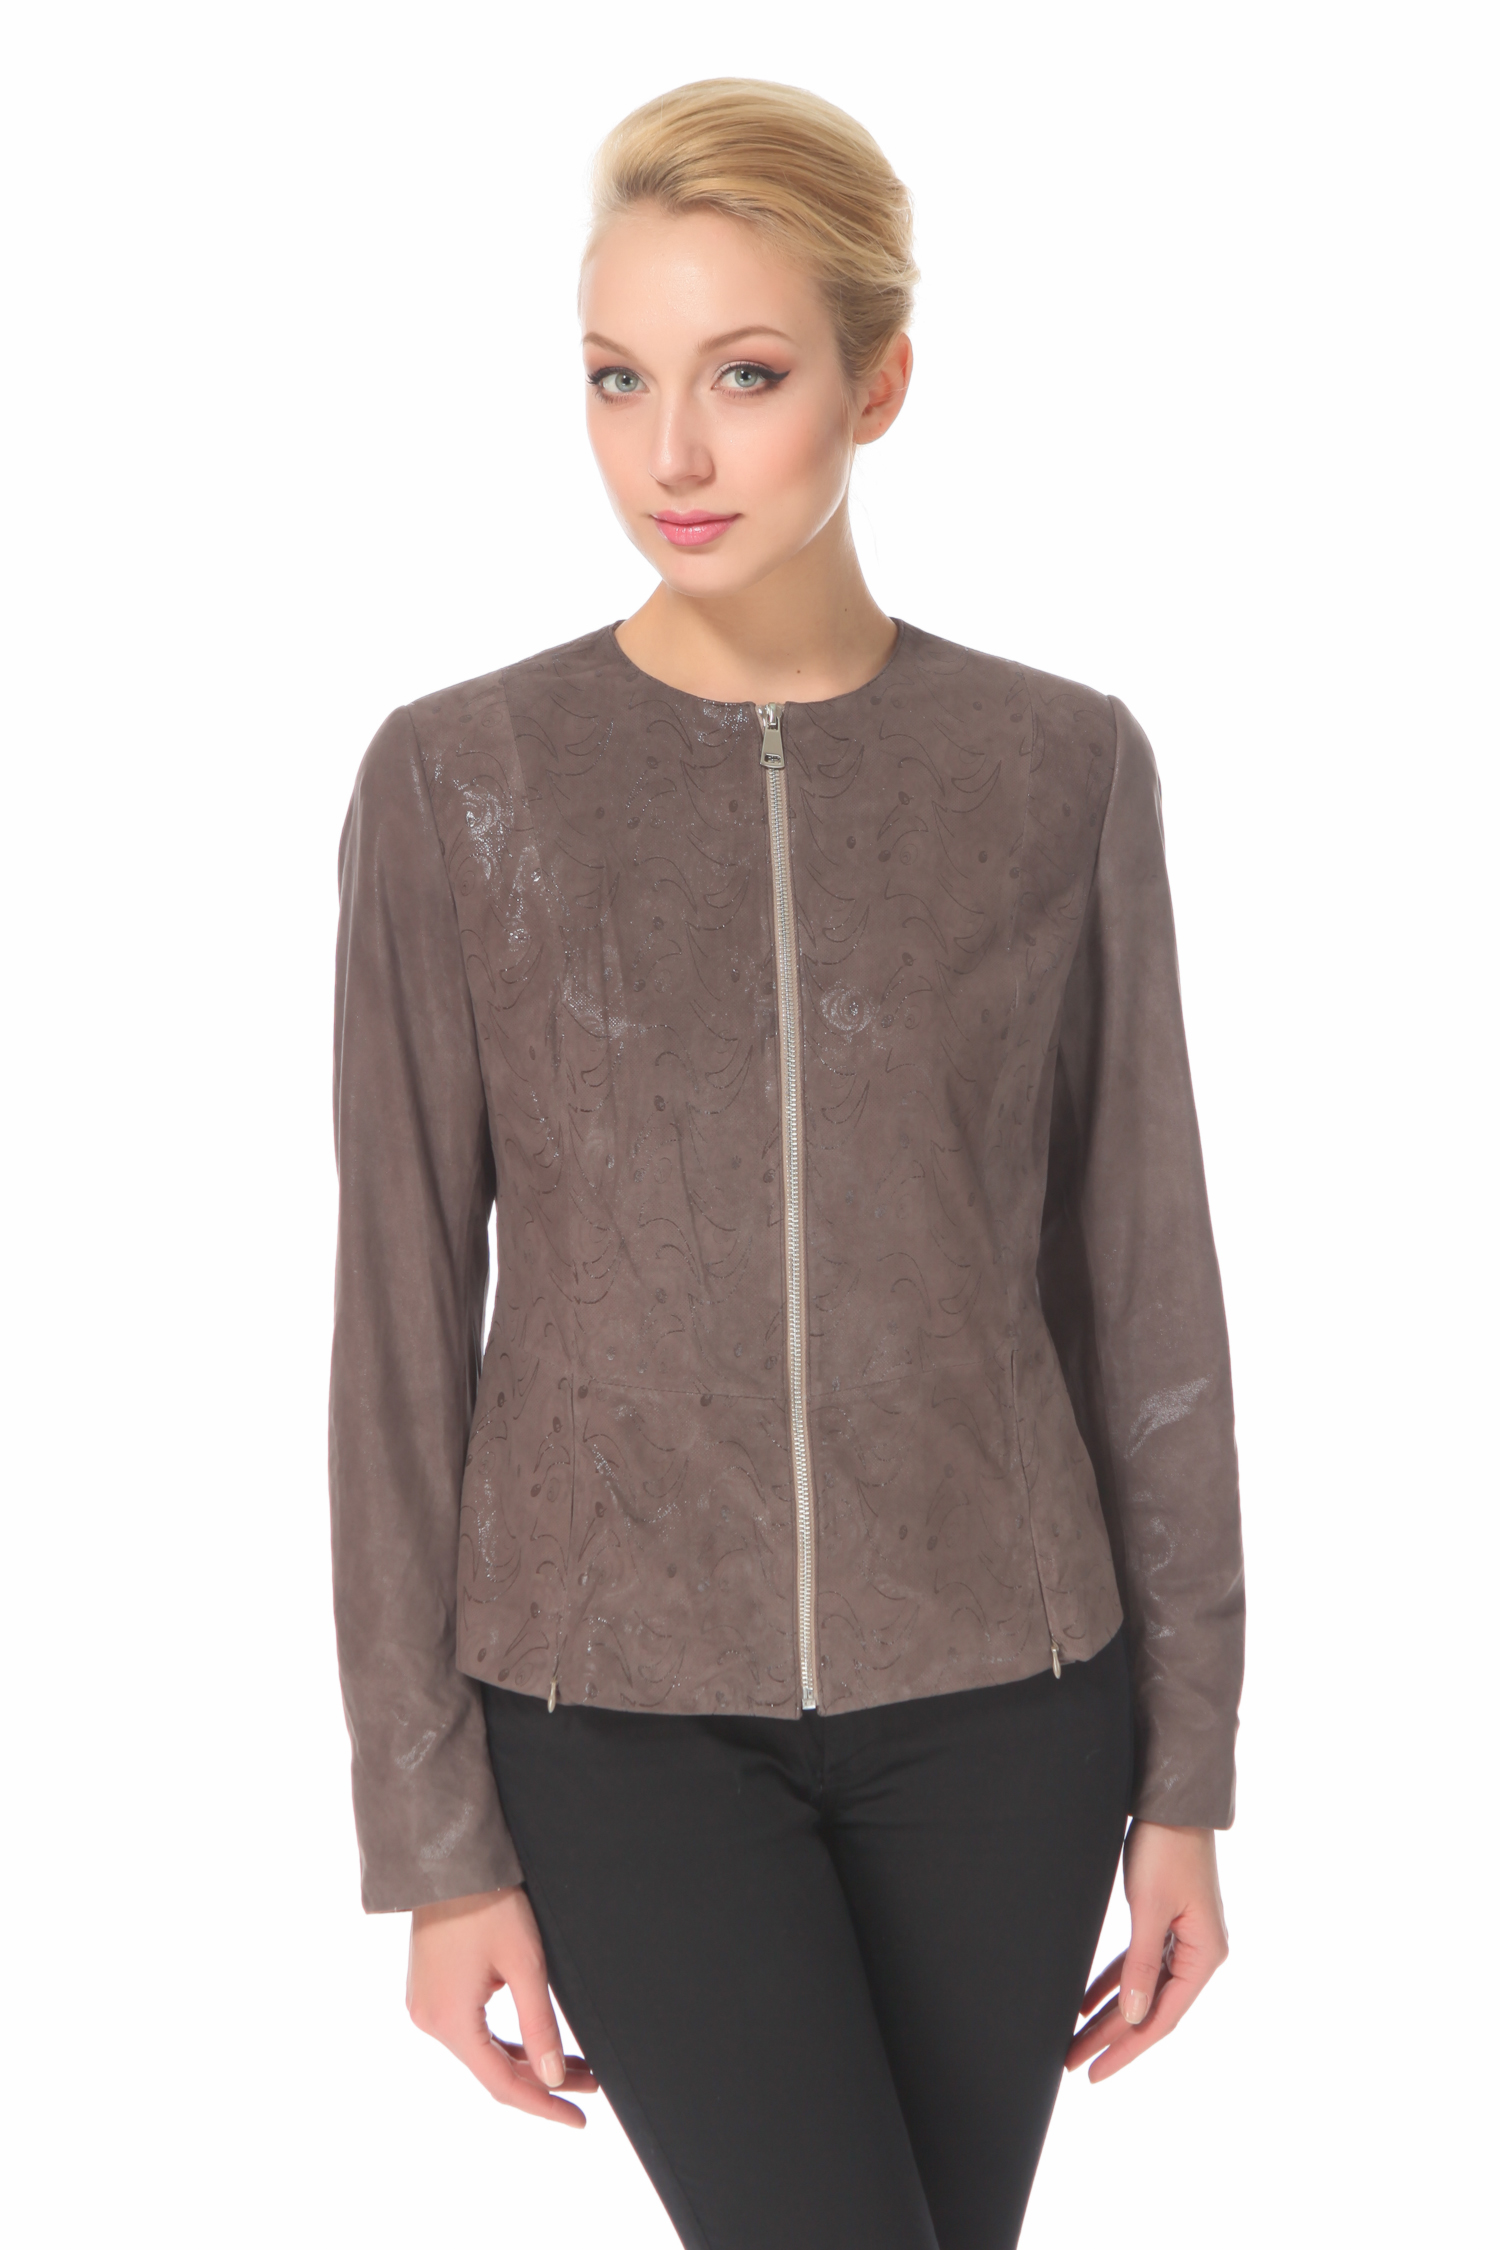 Женская кожаная куртка из натуральной замши, без отделки